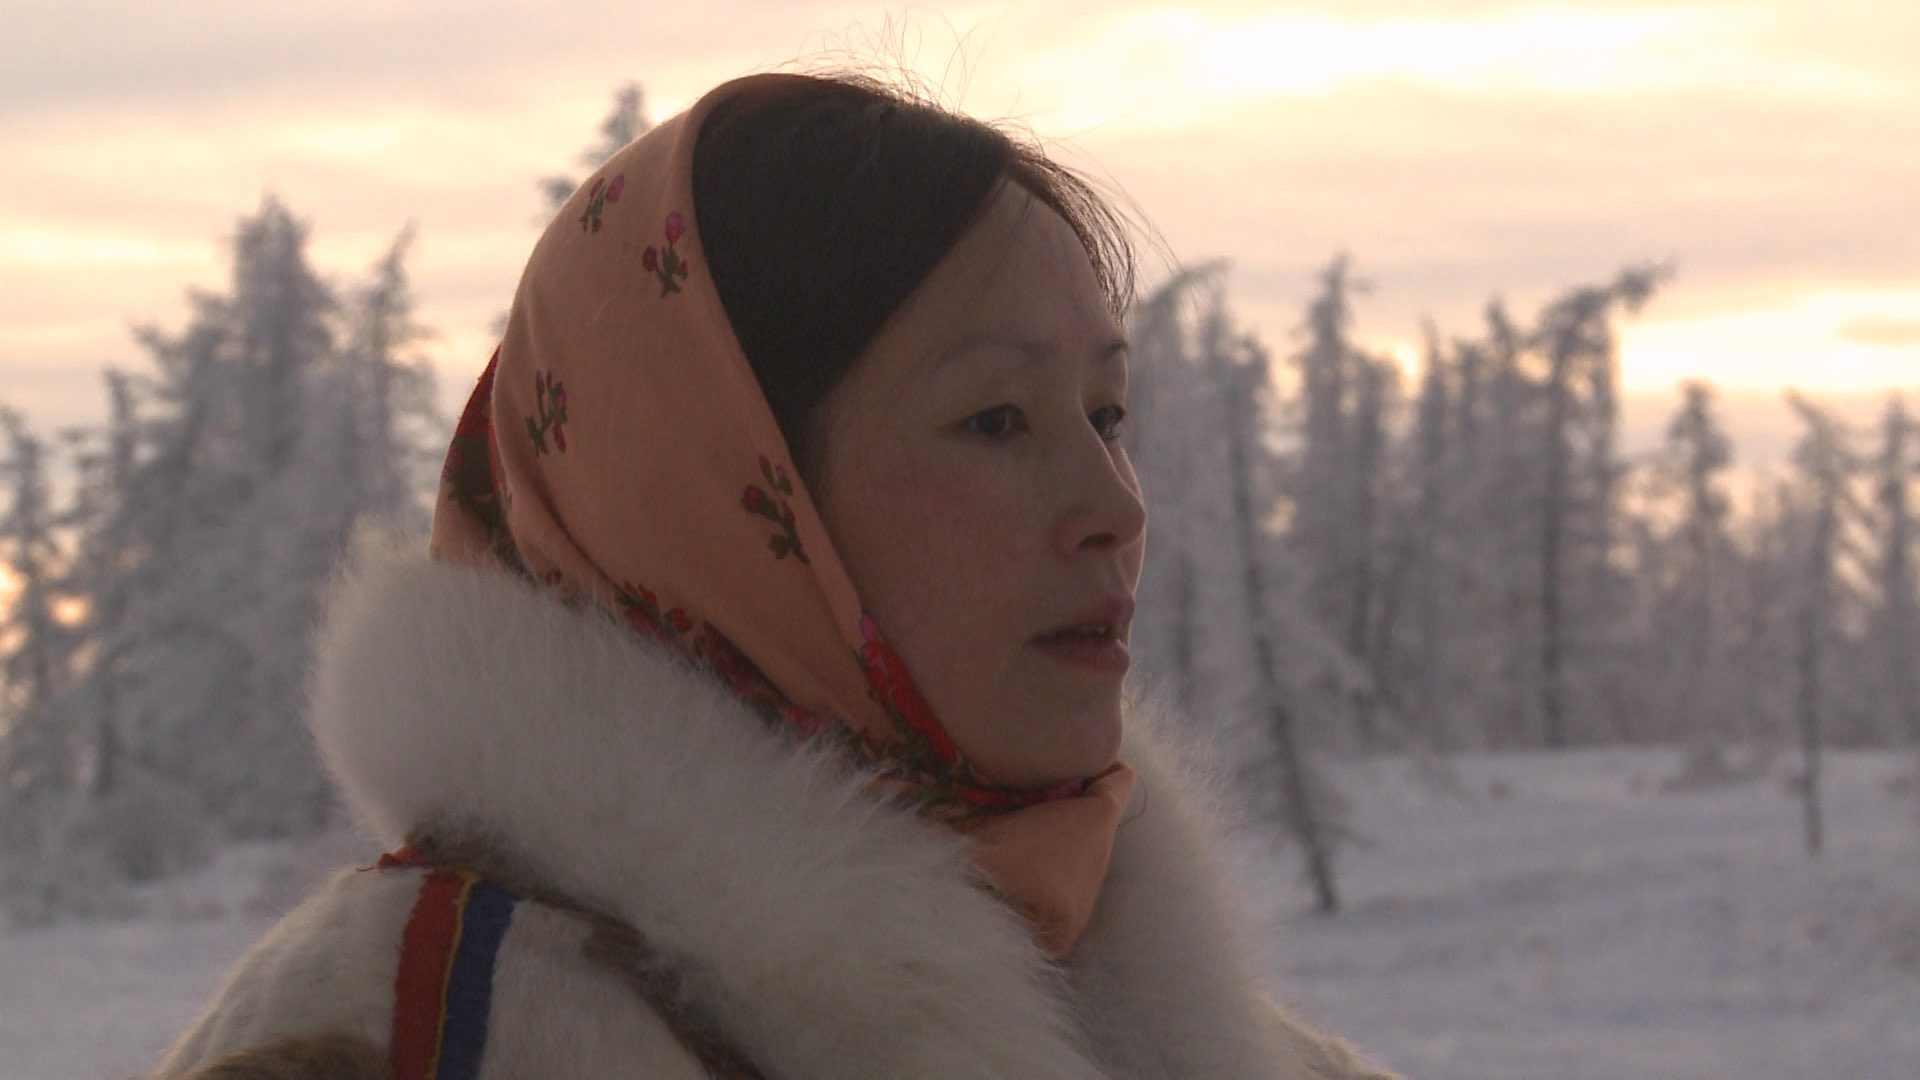 חפצים חייה של איוואנה – סרט דוקומנטרי<br><br>יש יותר מעניין מחיי בני אדם? צפו בסרט יוצא דופן<br>והשיבו לעצמכם.